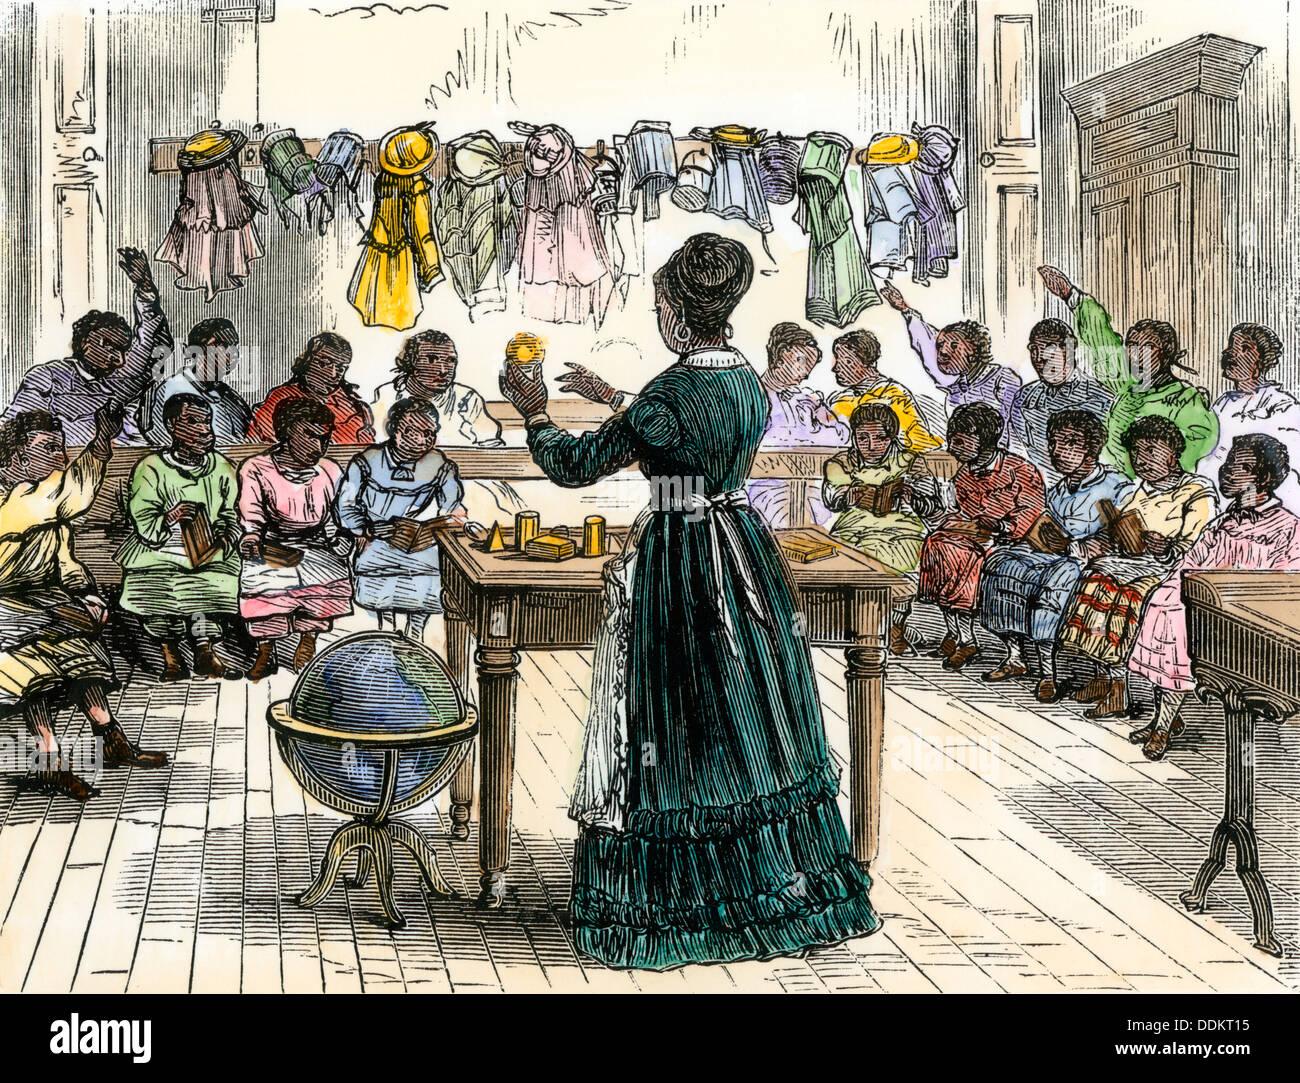 """Les objets d'enseignement aux enfants dans une """"école de couleur', New York, 1870. À la main, gravure sur bois Banque D'Images"""